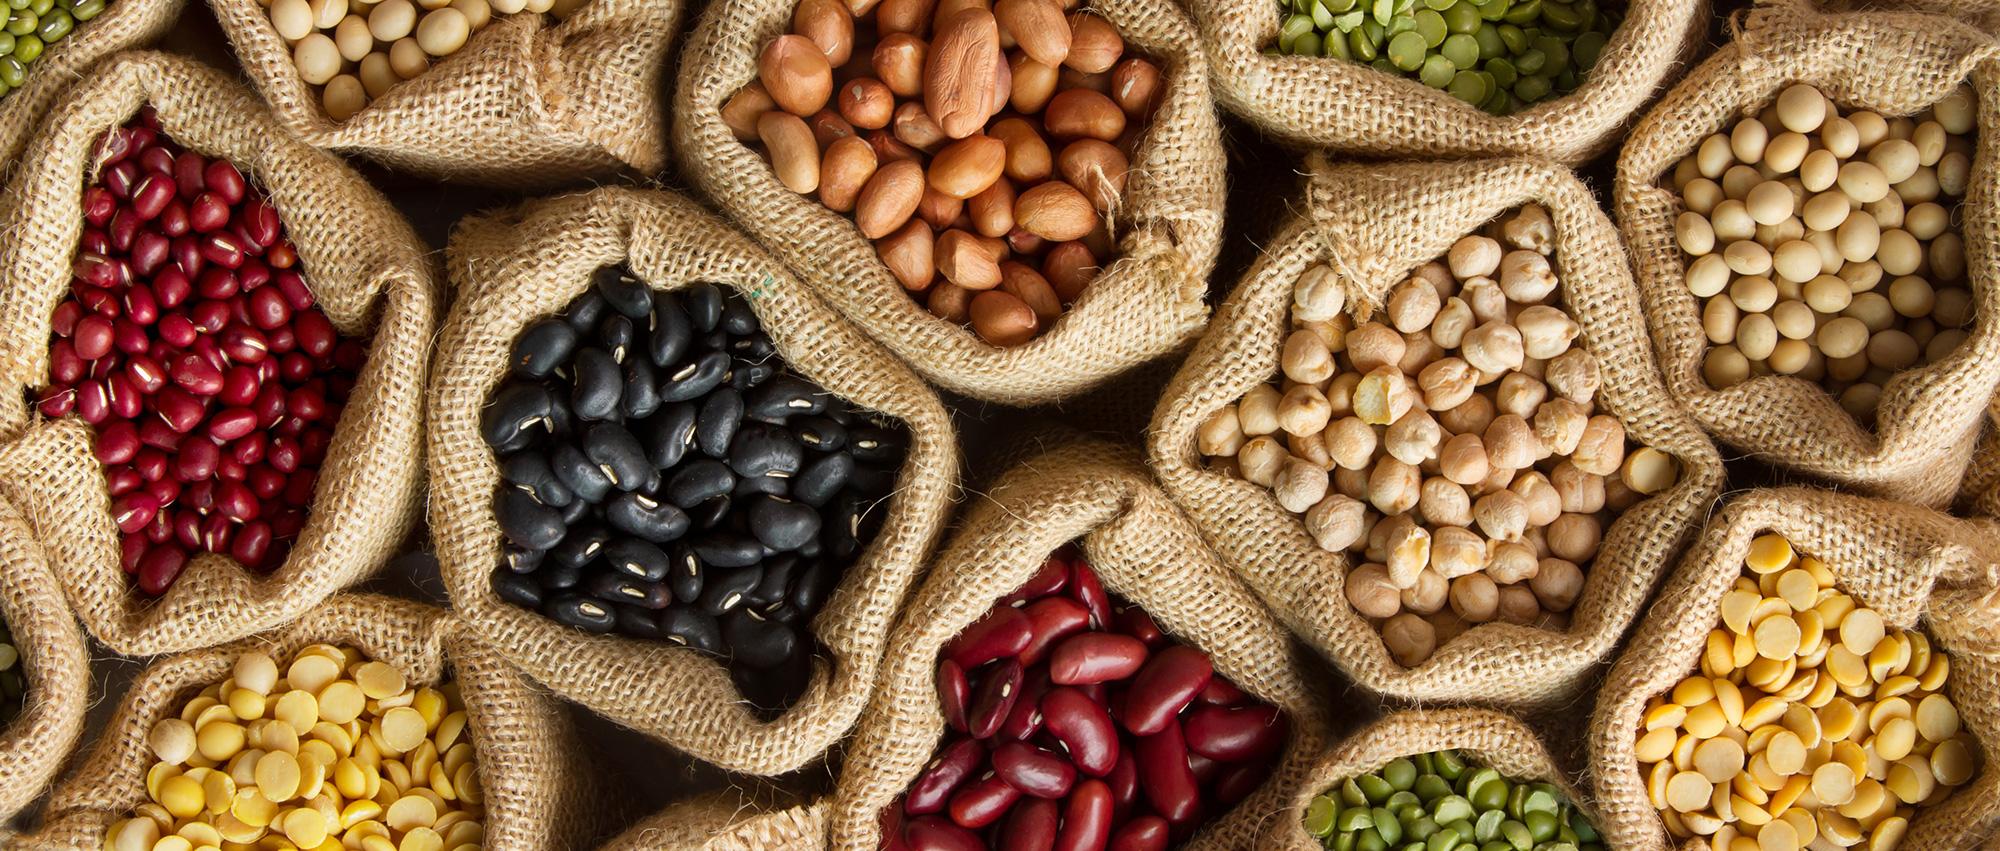 雑豆のイメージ画像